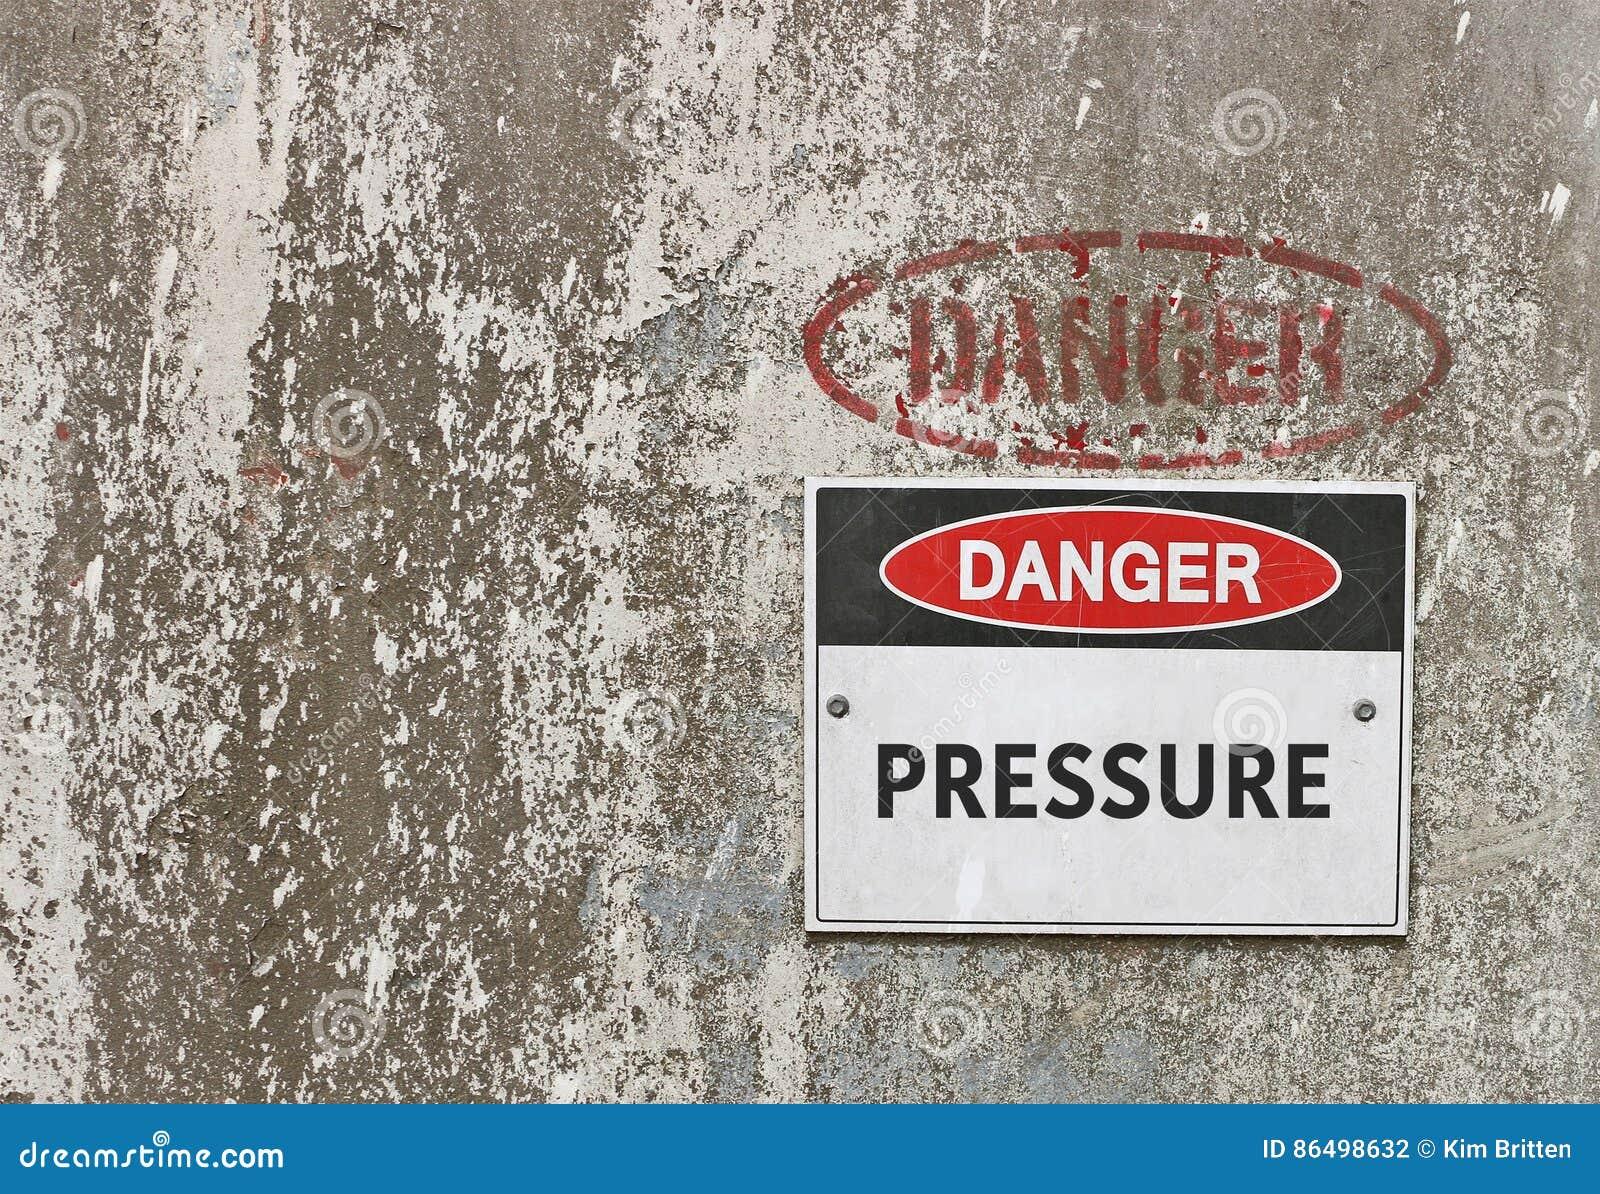 El peligro rojo, blanco y negro, ejerce presión sobre la señal de peligro